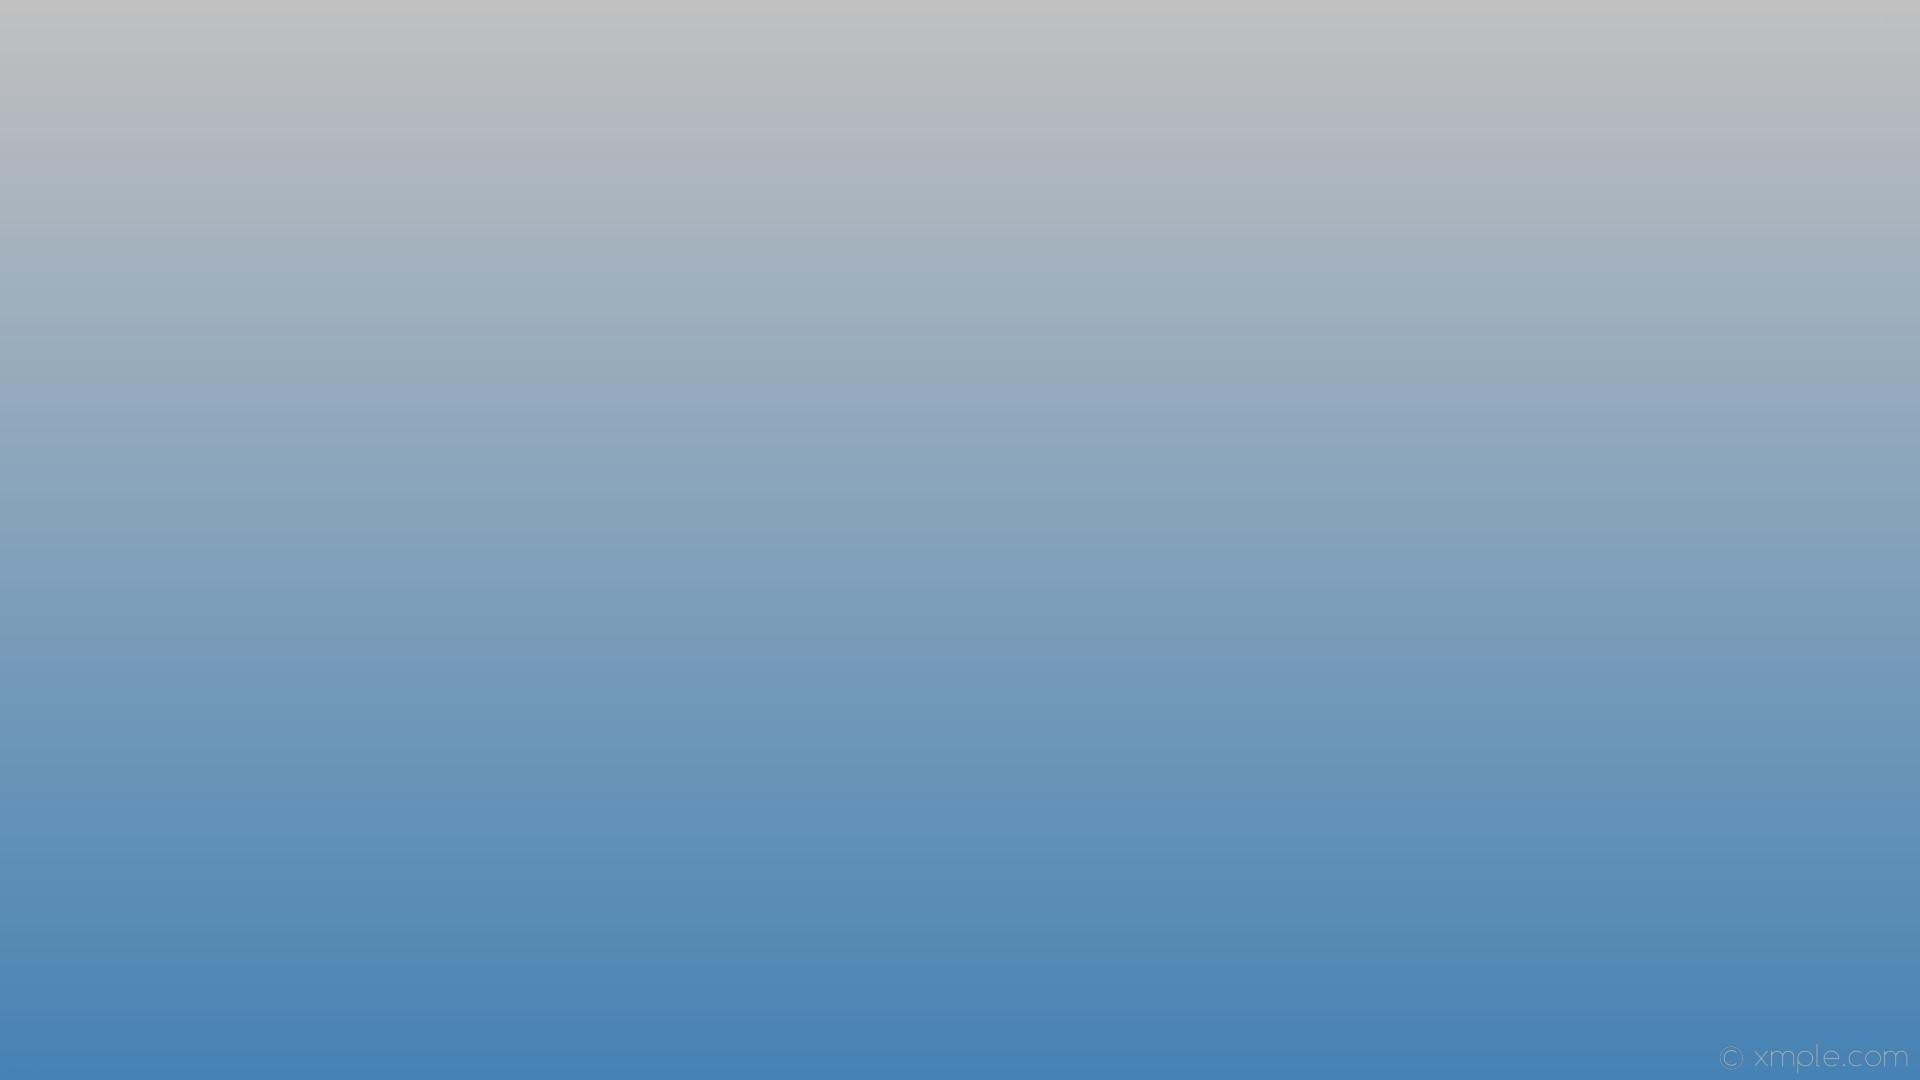 wallpaper blue linear gradient grey steel blue silver #4682b4 #c0c0c0 270°